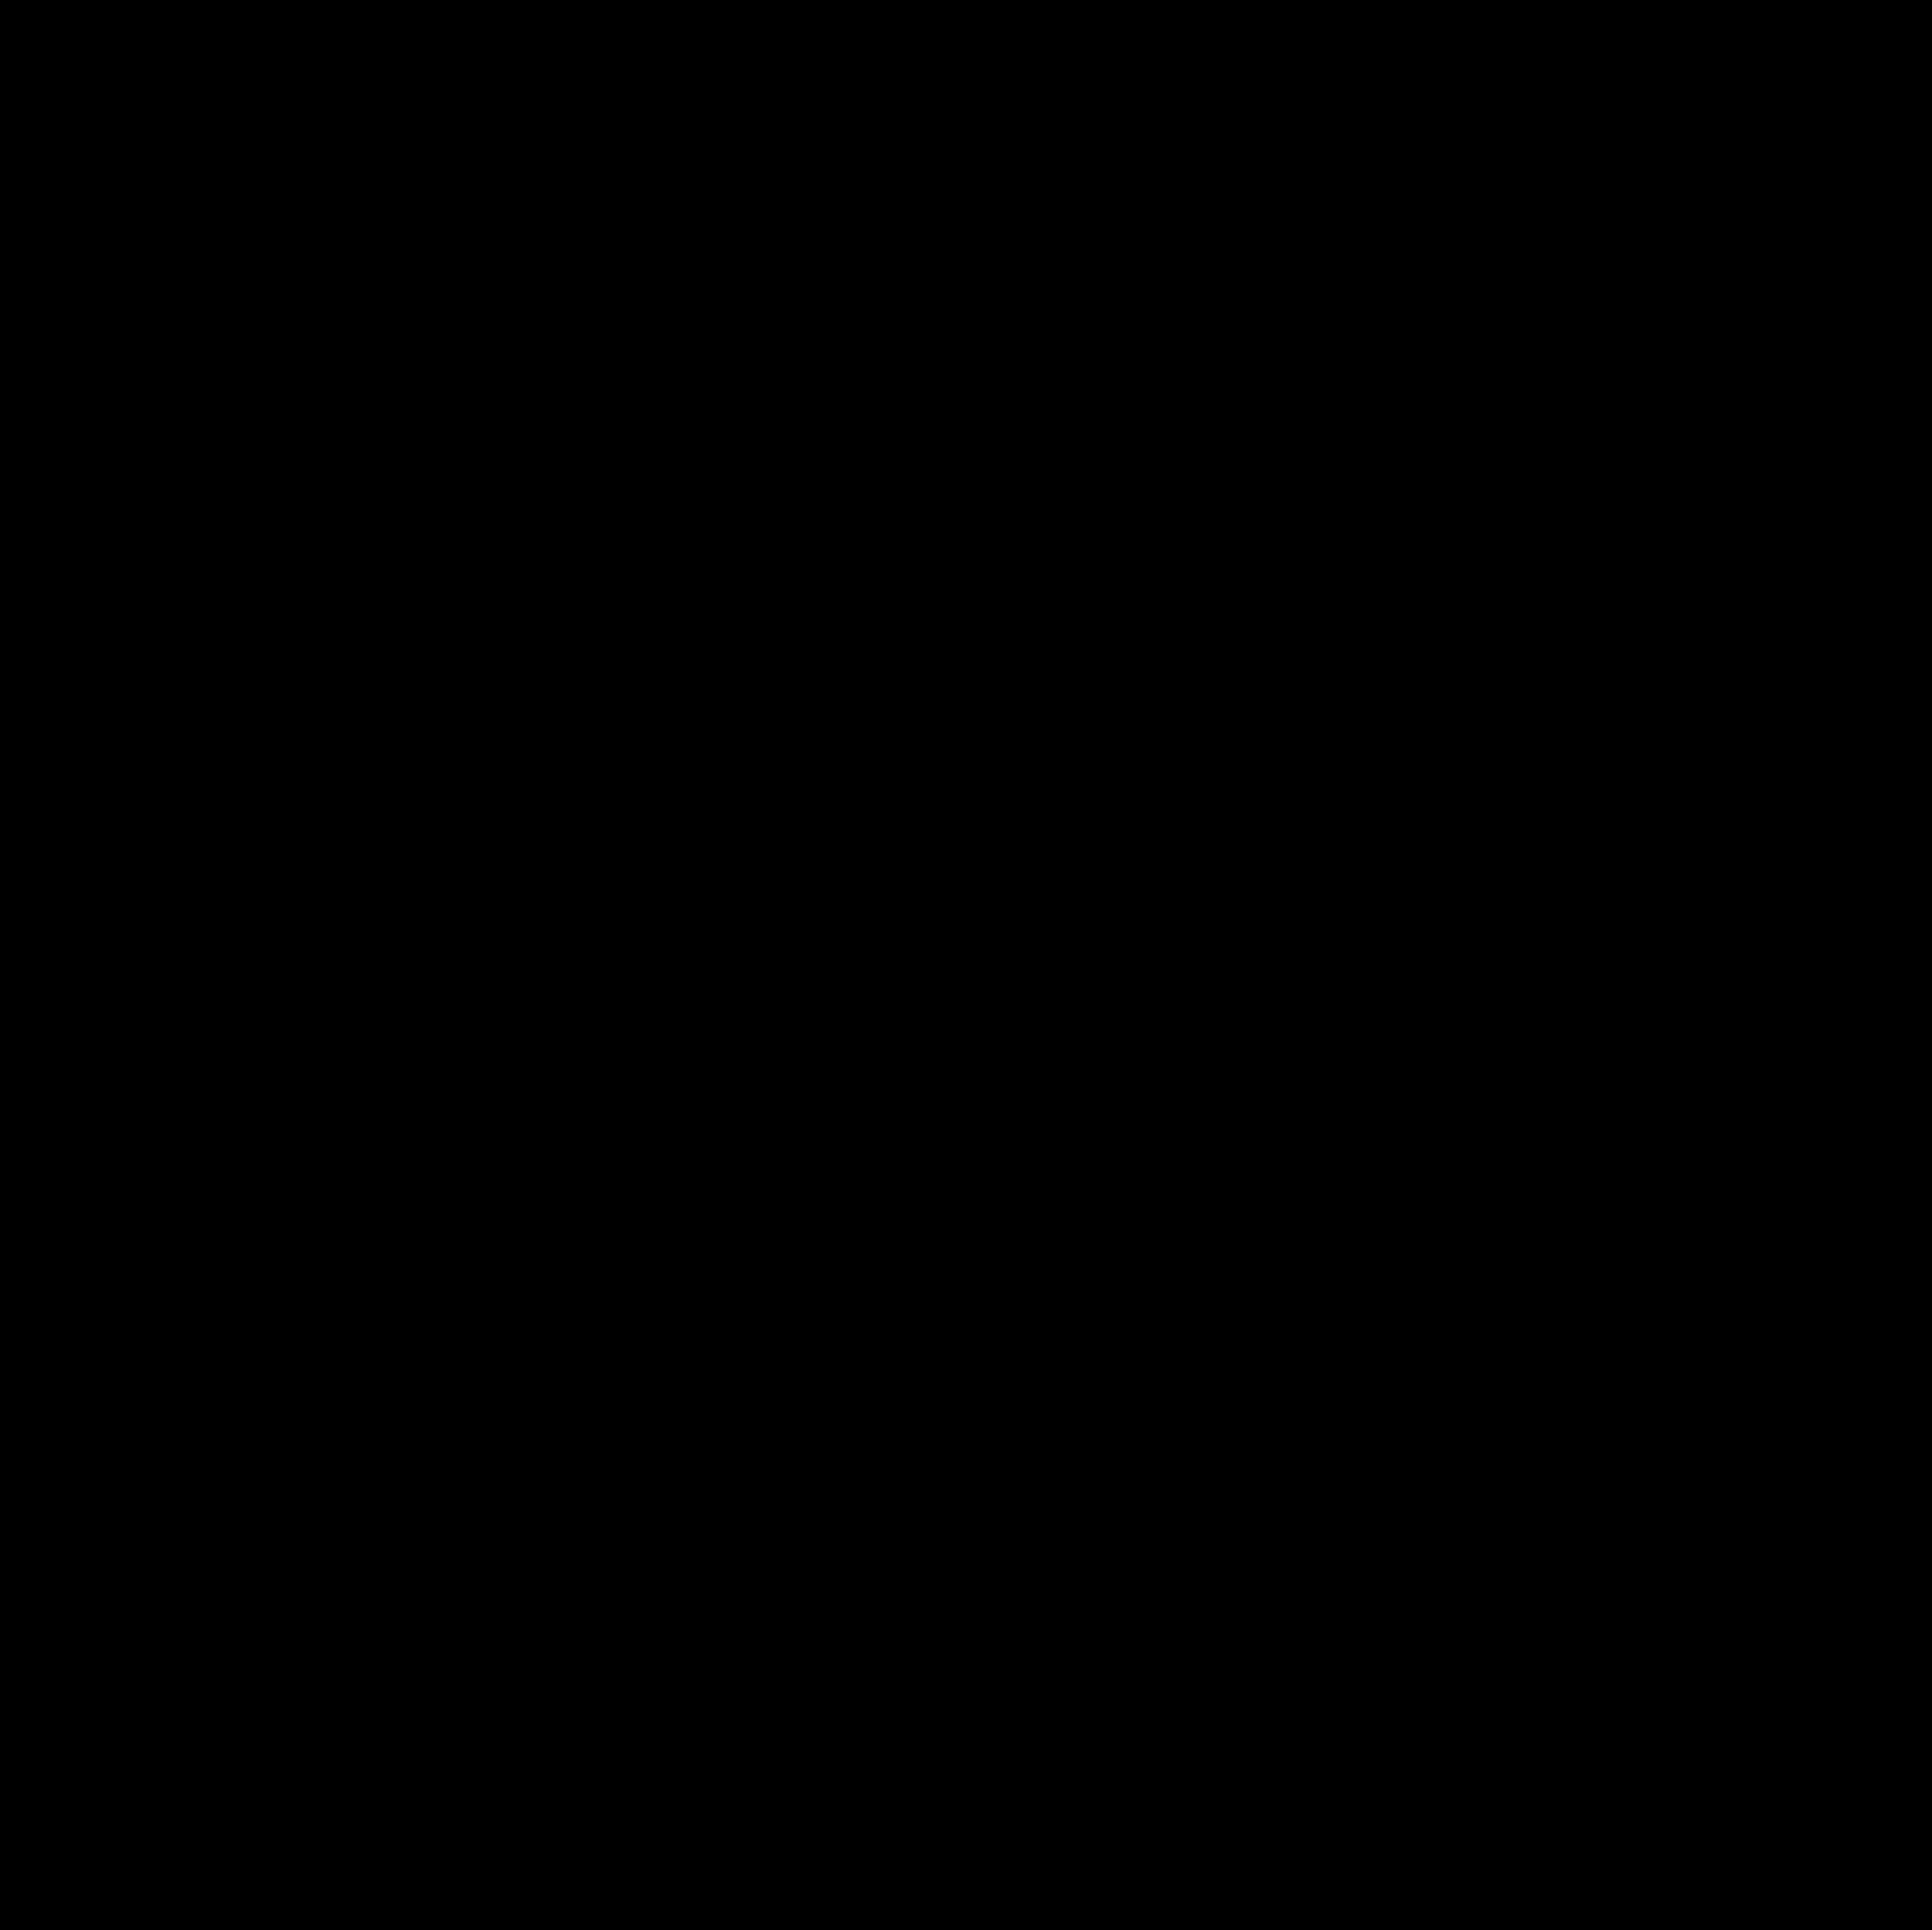 Barn Outline Clipart.